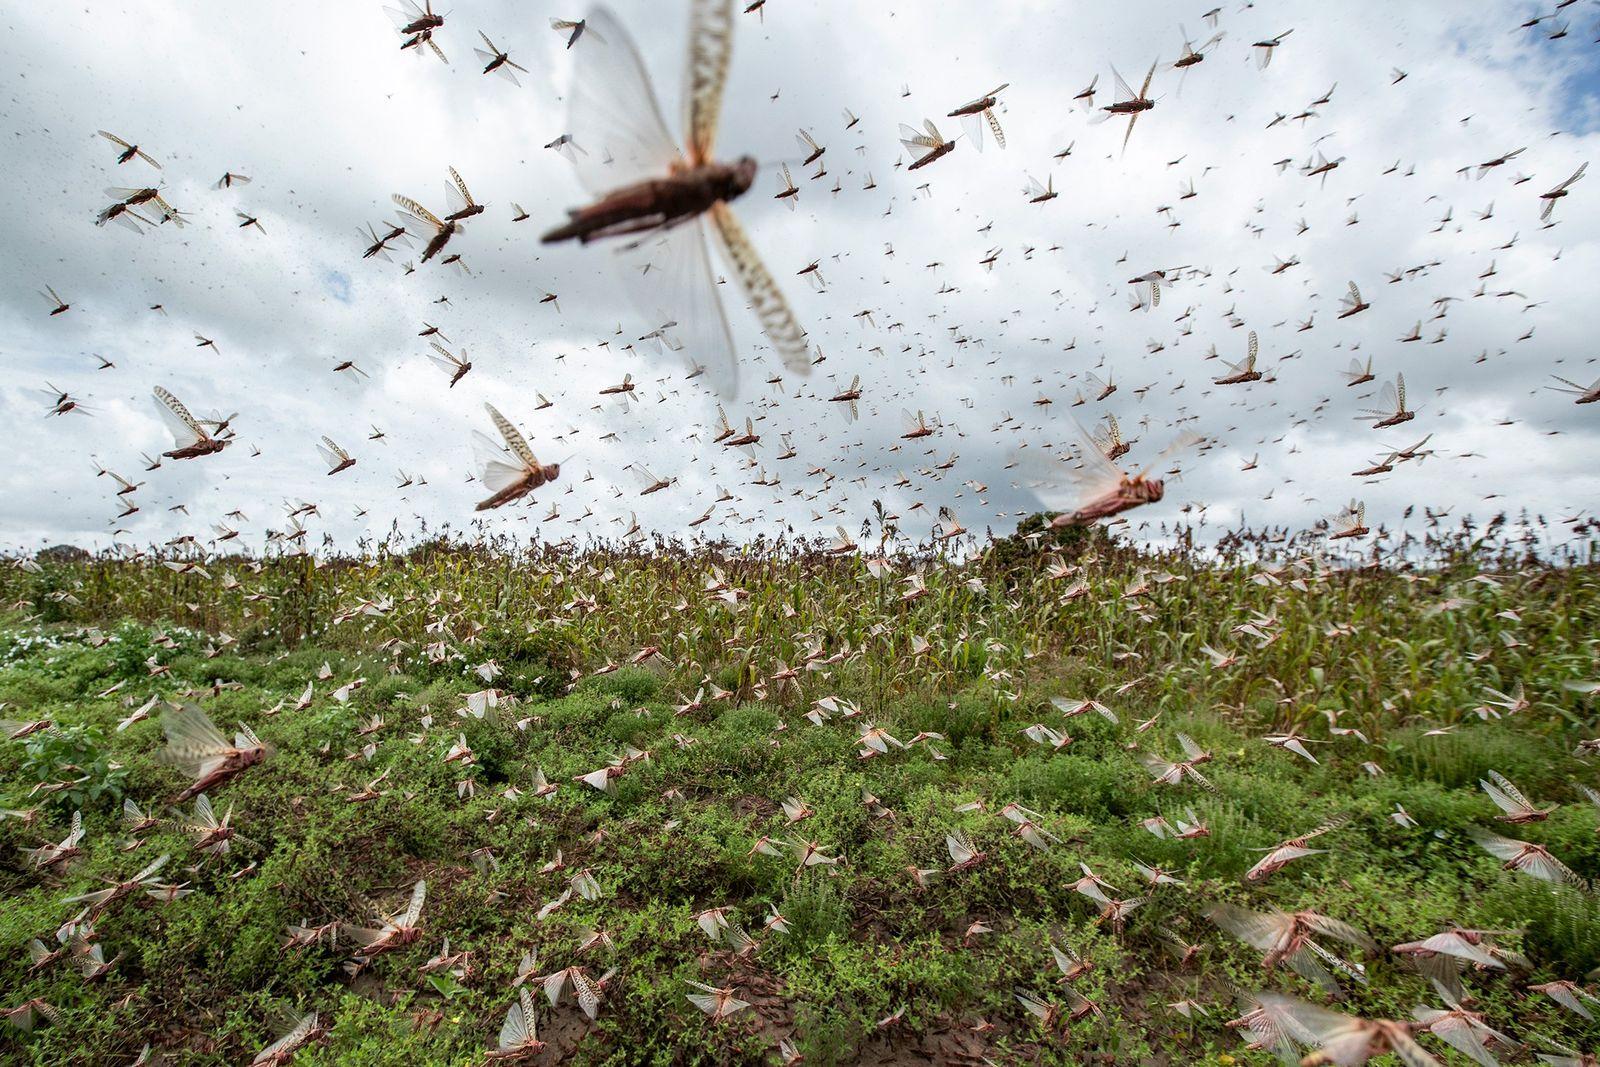 África Oriental é invadida por gafanhotos e mudanças climáticas podem ser a causa